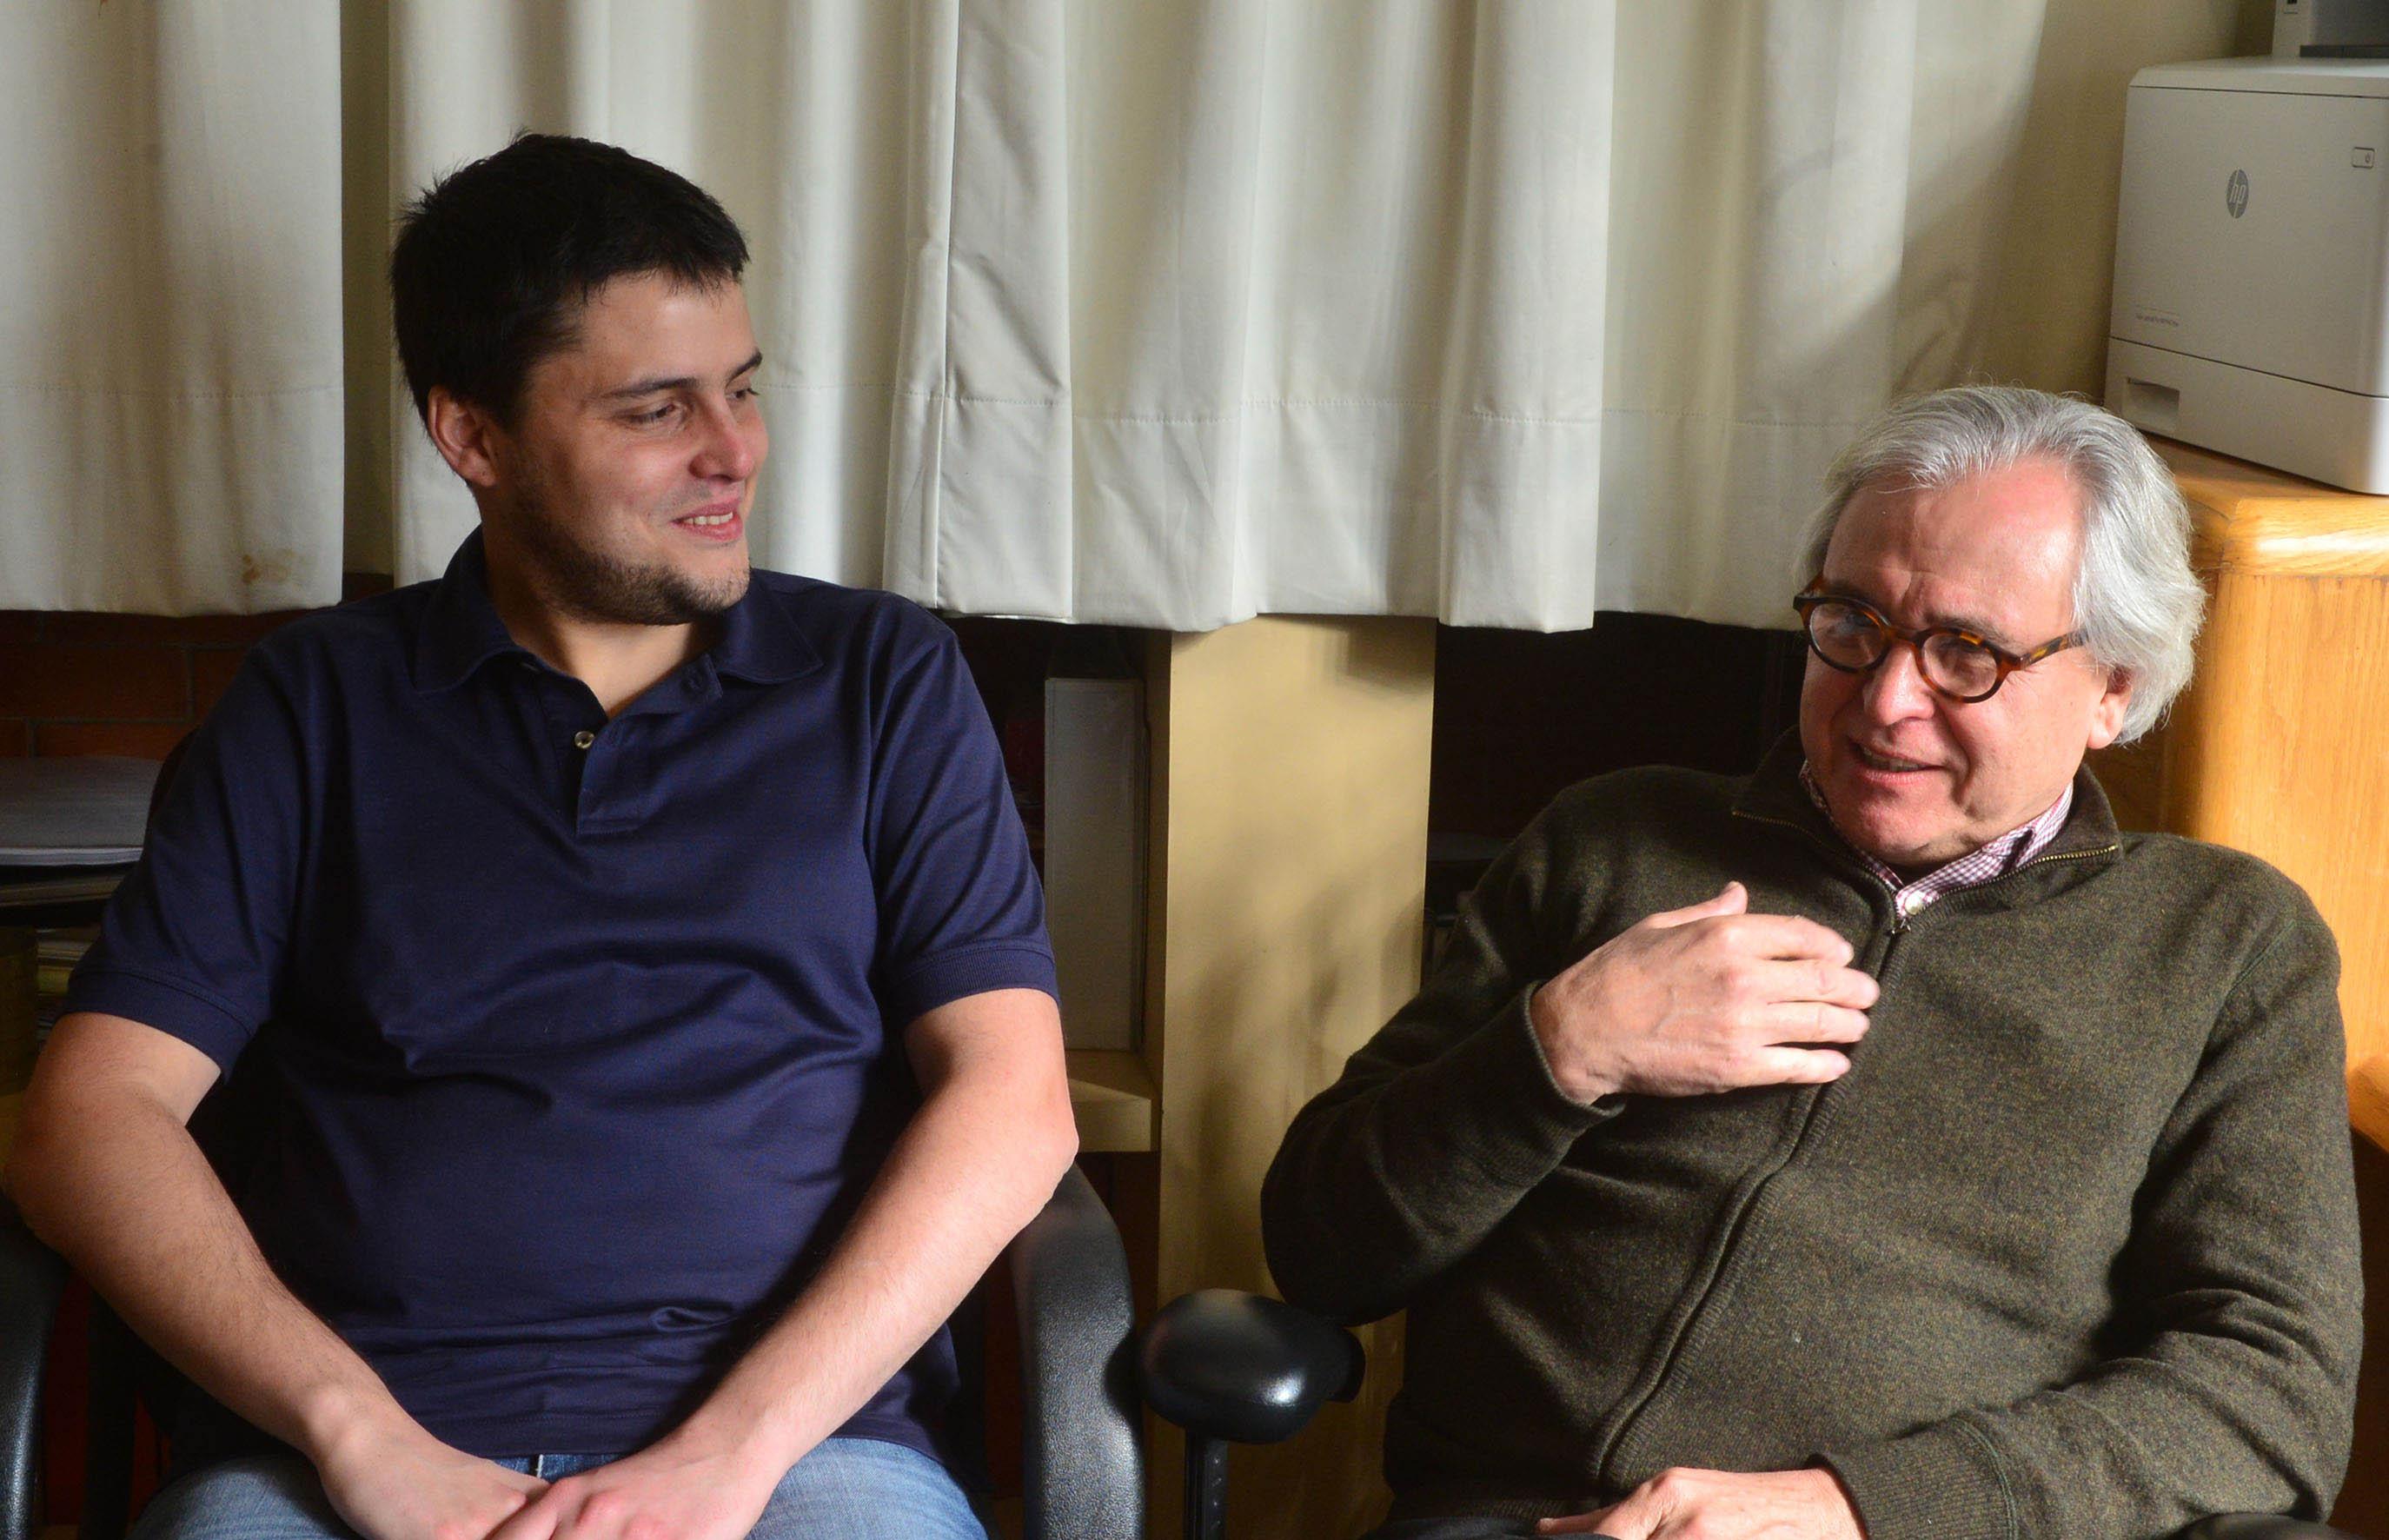 INVESTIGADORES DE LA UNAM DECODIFICAN FUNCIONAMIENTO DE LAS NEURONAS MIENTRAS SE TOMAN DECISIONES